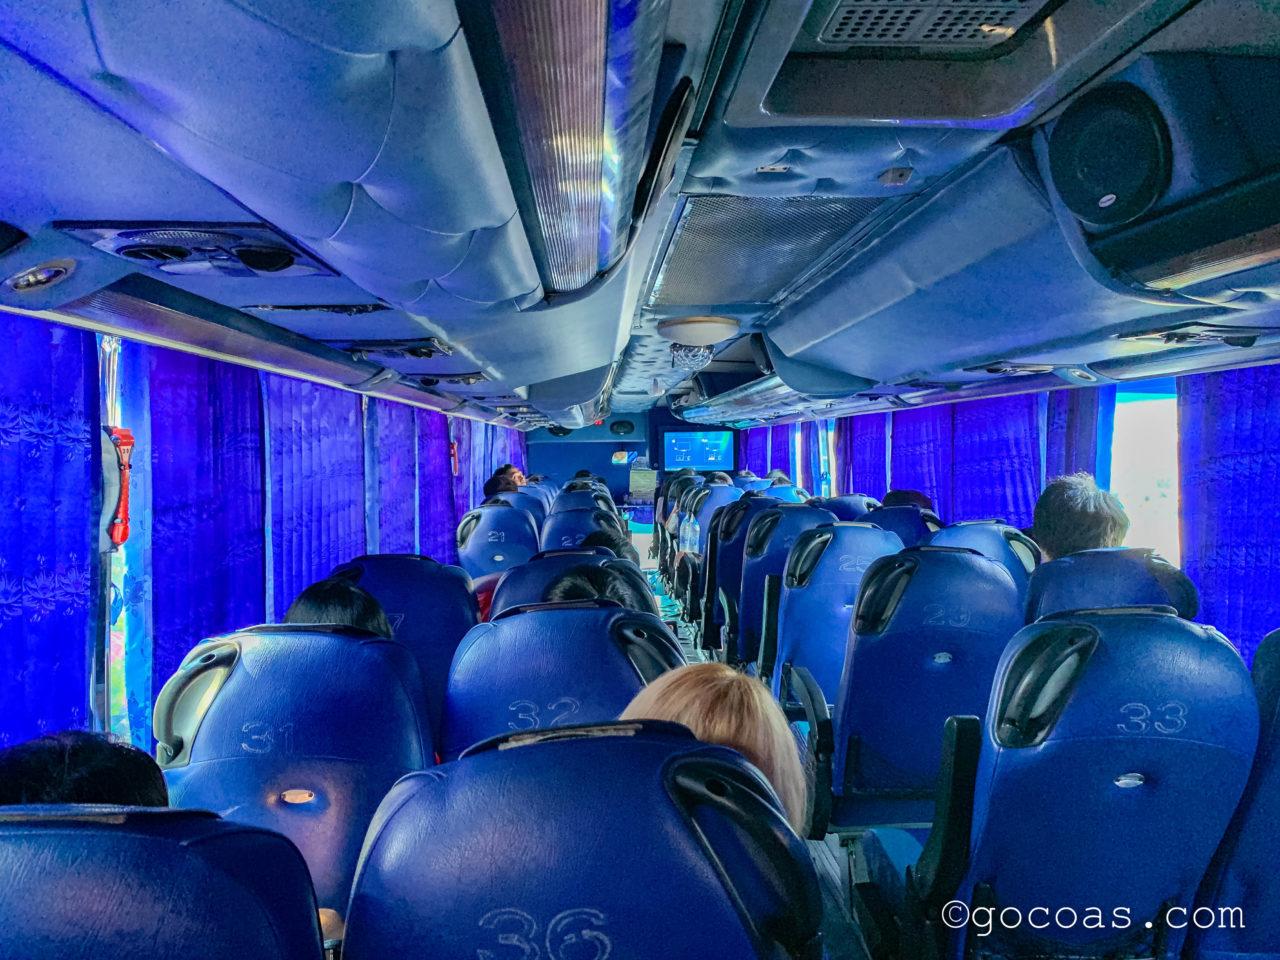 シラチャタイガーズーの帰りのバスターミナルから乗ったバスの車内